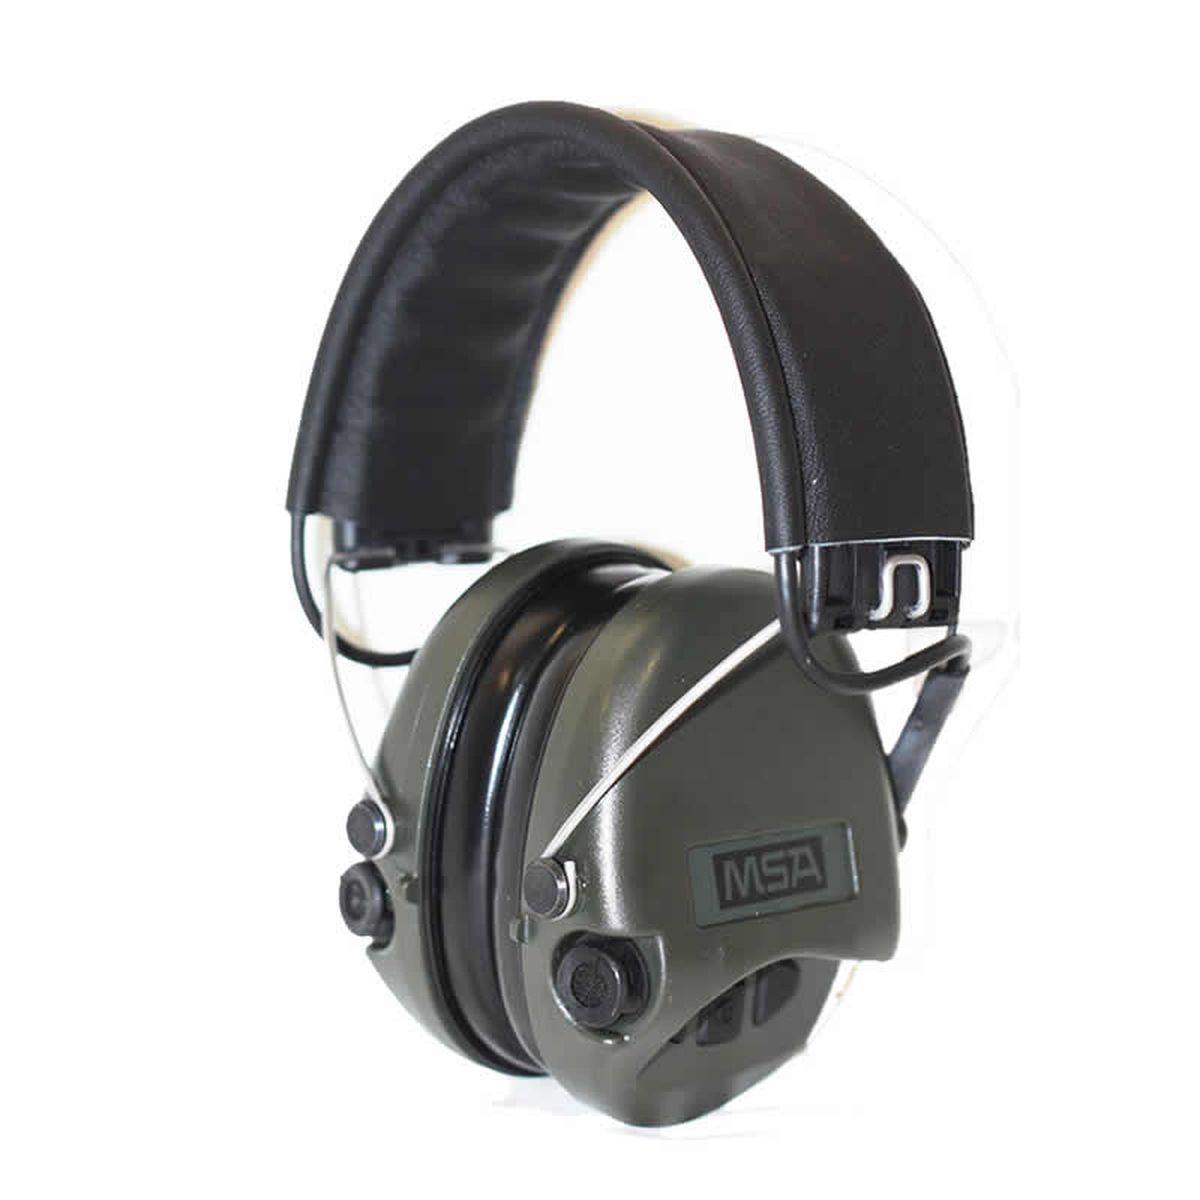 Наушники для стрельбы MSA Sordin Supreme Pro, активныеSOR75302Активные наушники для стрельбы и охоты. Цвет ушных чашек – хаки. Усиливают слабый звук в 4 раза до 27 Дц и уменьшают шум до 82 Дц. Звуковая картинка на 360° градусов, звук Stereo. Два отдельных ветро-влагозащищенных микрофона. Звуковая пауза после отсечки шумовой волны менее 0,6 сек. Широкие кнопки включения с регулировкой громкости звука – 4 положения. Складные соединительные дужки, из прочной проволочной стали, покрытой антикоррозийным лаком. Дужки отделаны кожей. Предусмотрено прослушивание аудиозаписей через плеер/телефон, но основная функция – прослушивание сообщений через переносную радиостанцию. . Автоматическое отключение через 4 часа после начала использования. Предупреждение звуковым сигналом за 40 часов о низком заряде батареи. В комплекте две батарейки ААА, разъём AUX 3,5 мм., кабель. Вес: 310 гр. Гарантия 1 год.